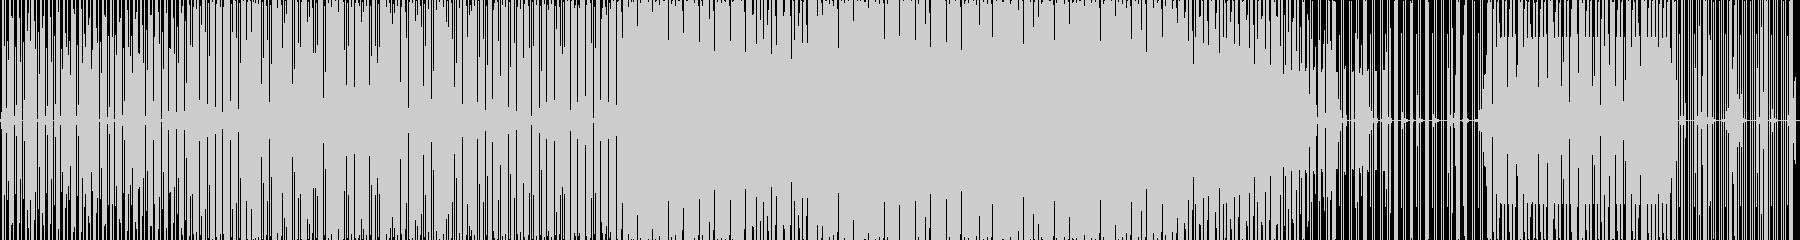 テクノループ。の未再生の波形